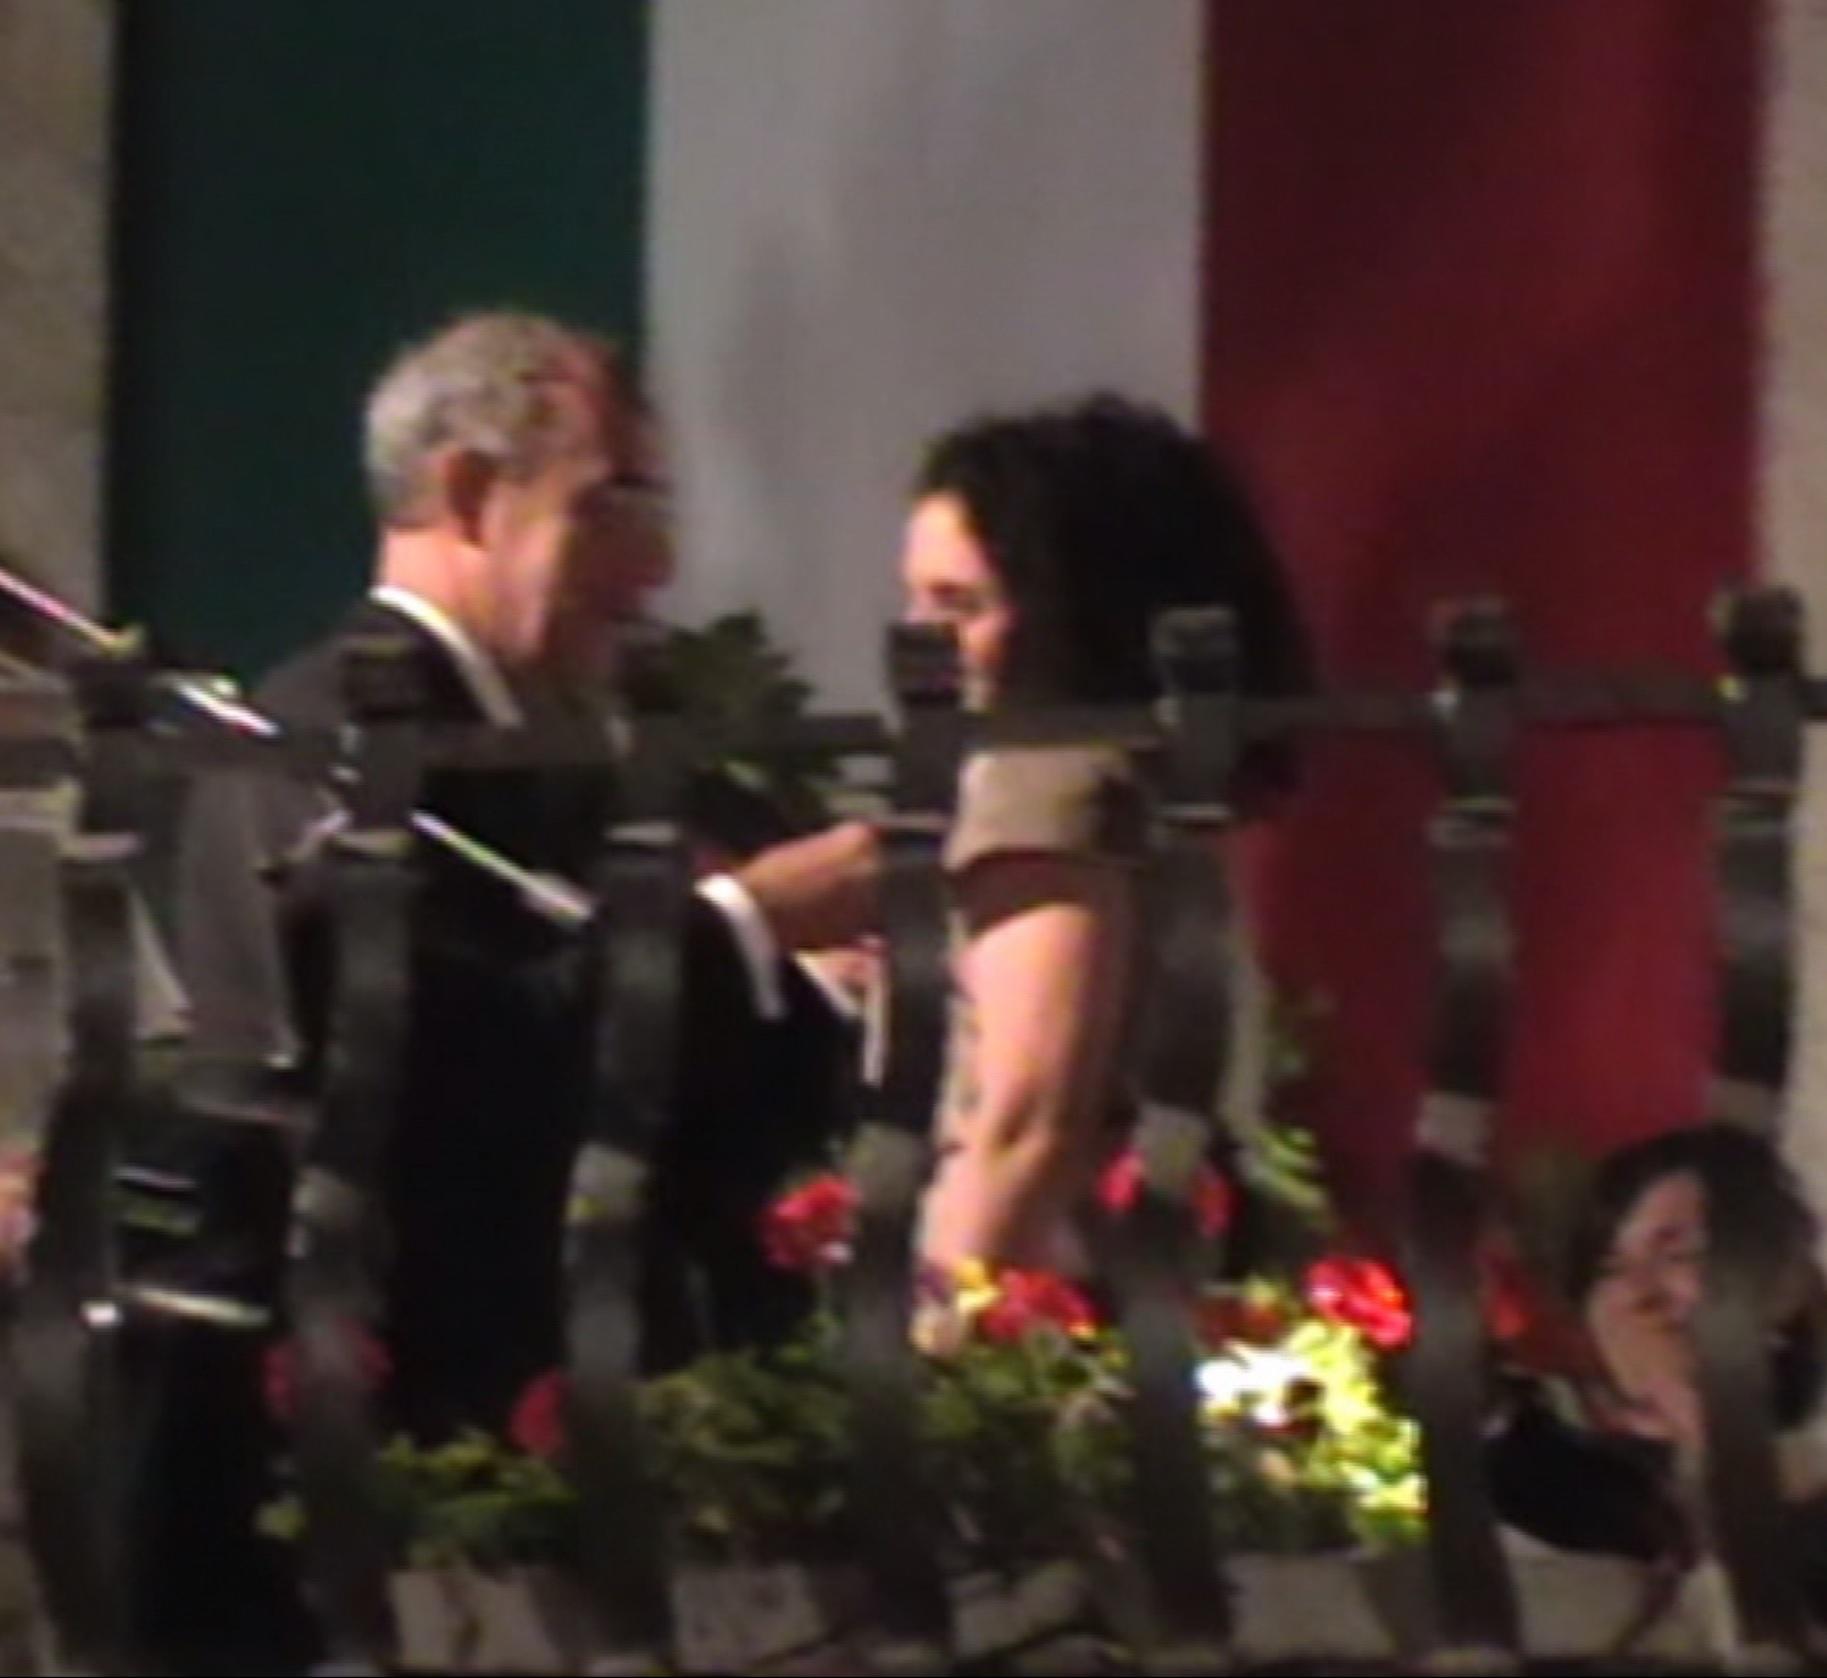 Cermony of Granting of the Cavaliere dell'Ordine della Stella d'Italia (Order of the Star of Italy) Decoration.